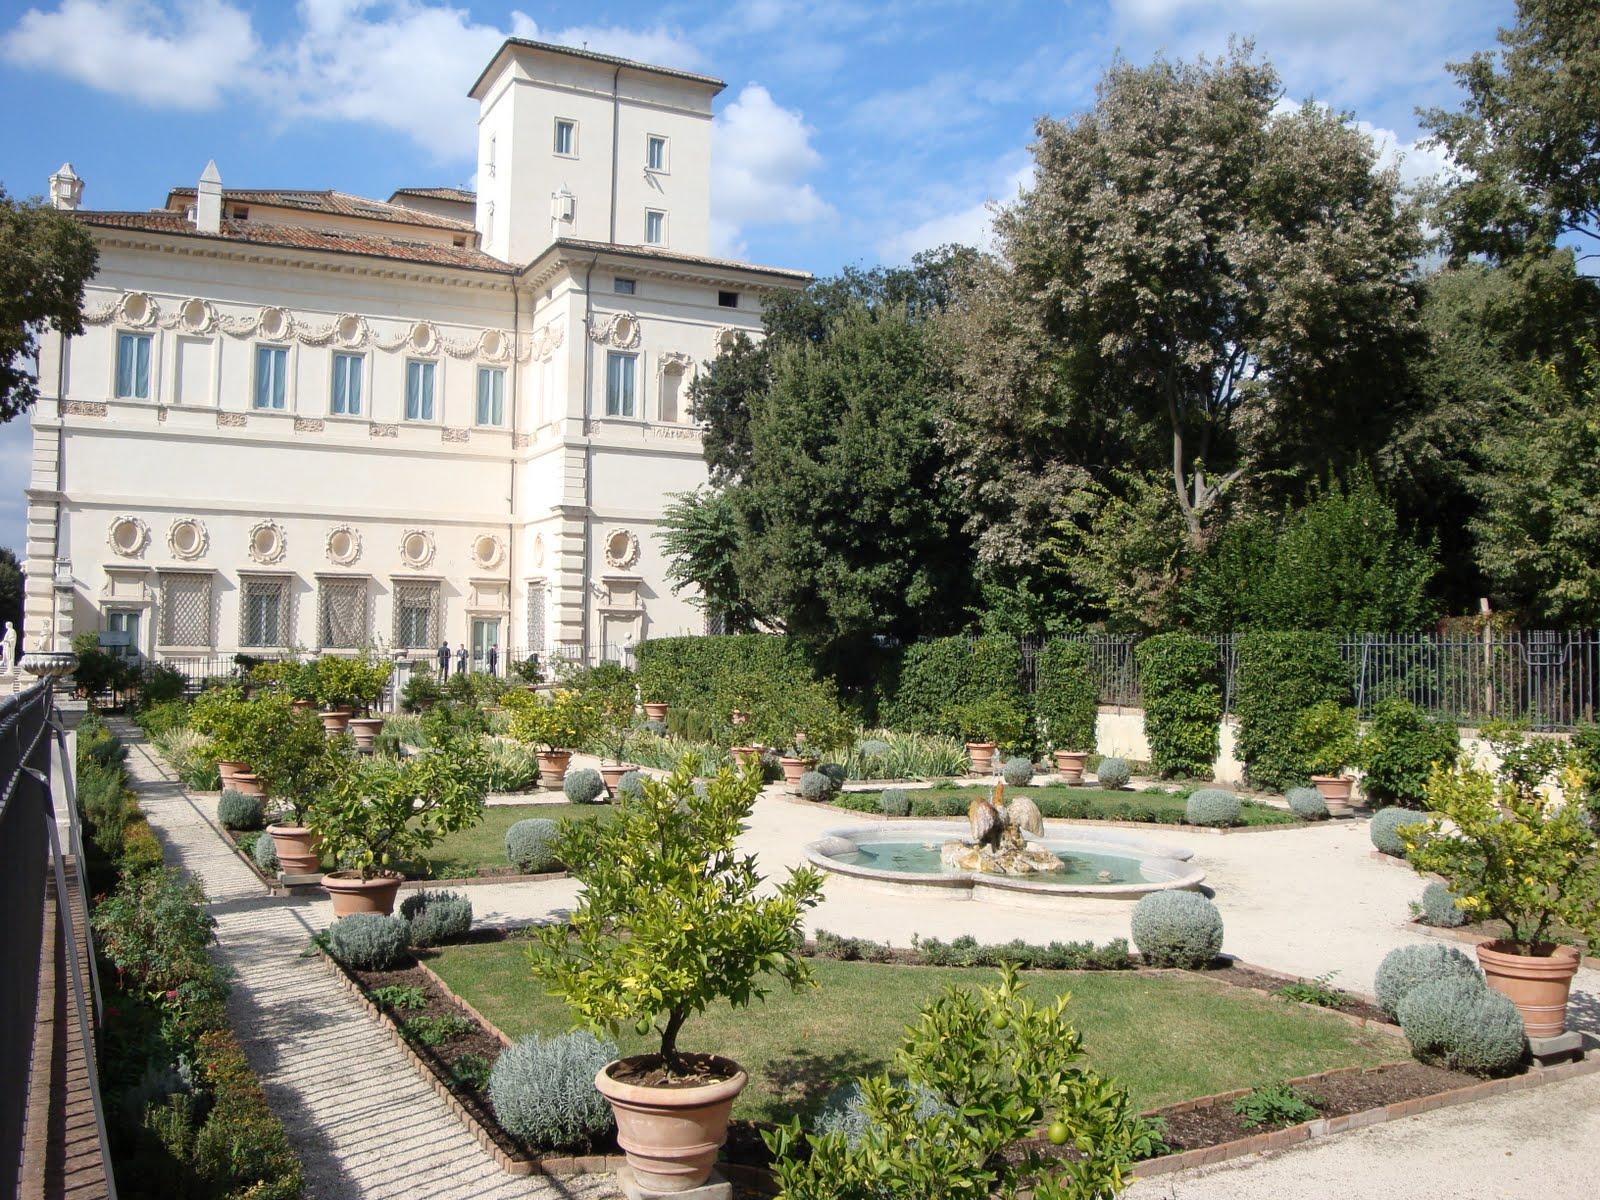 Jardins pres de la citadelle le jardin secret de la villa for Les jardins de la villa